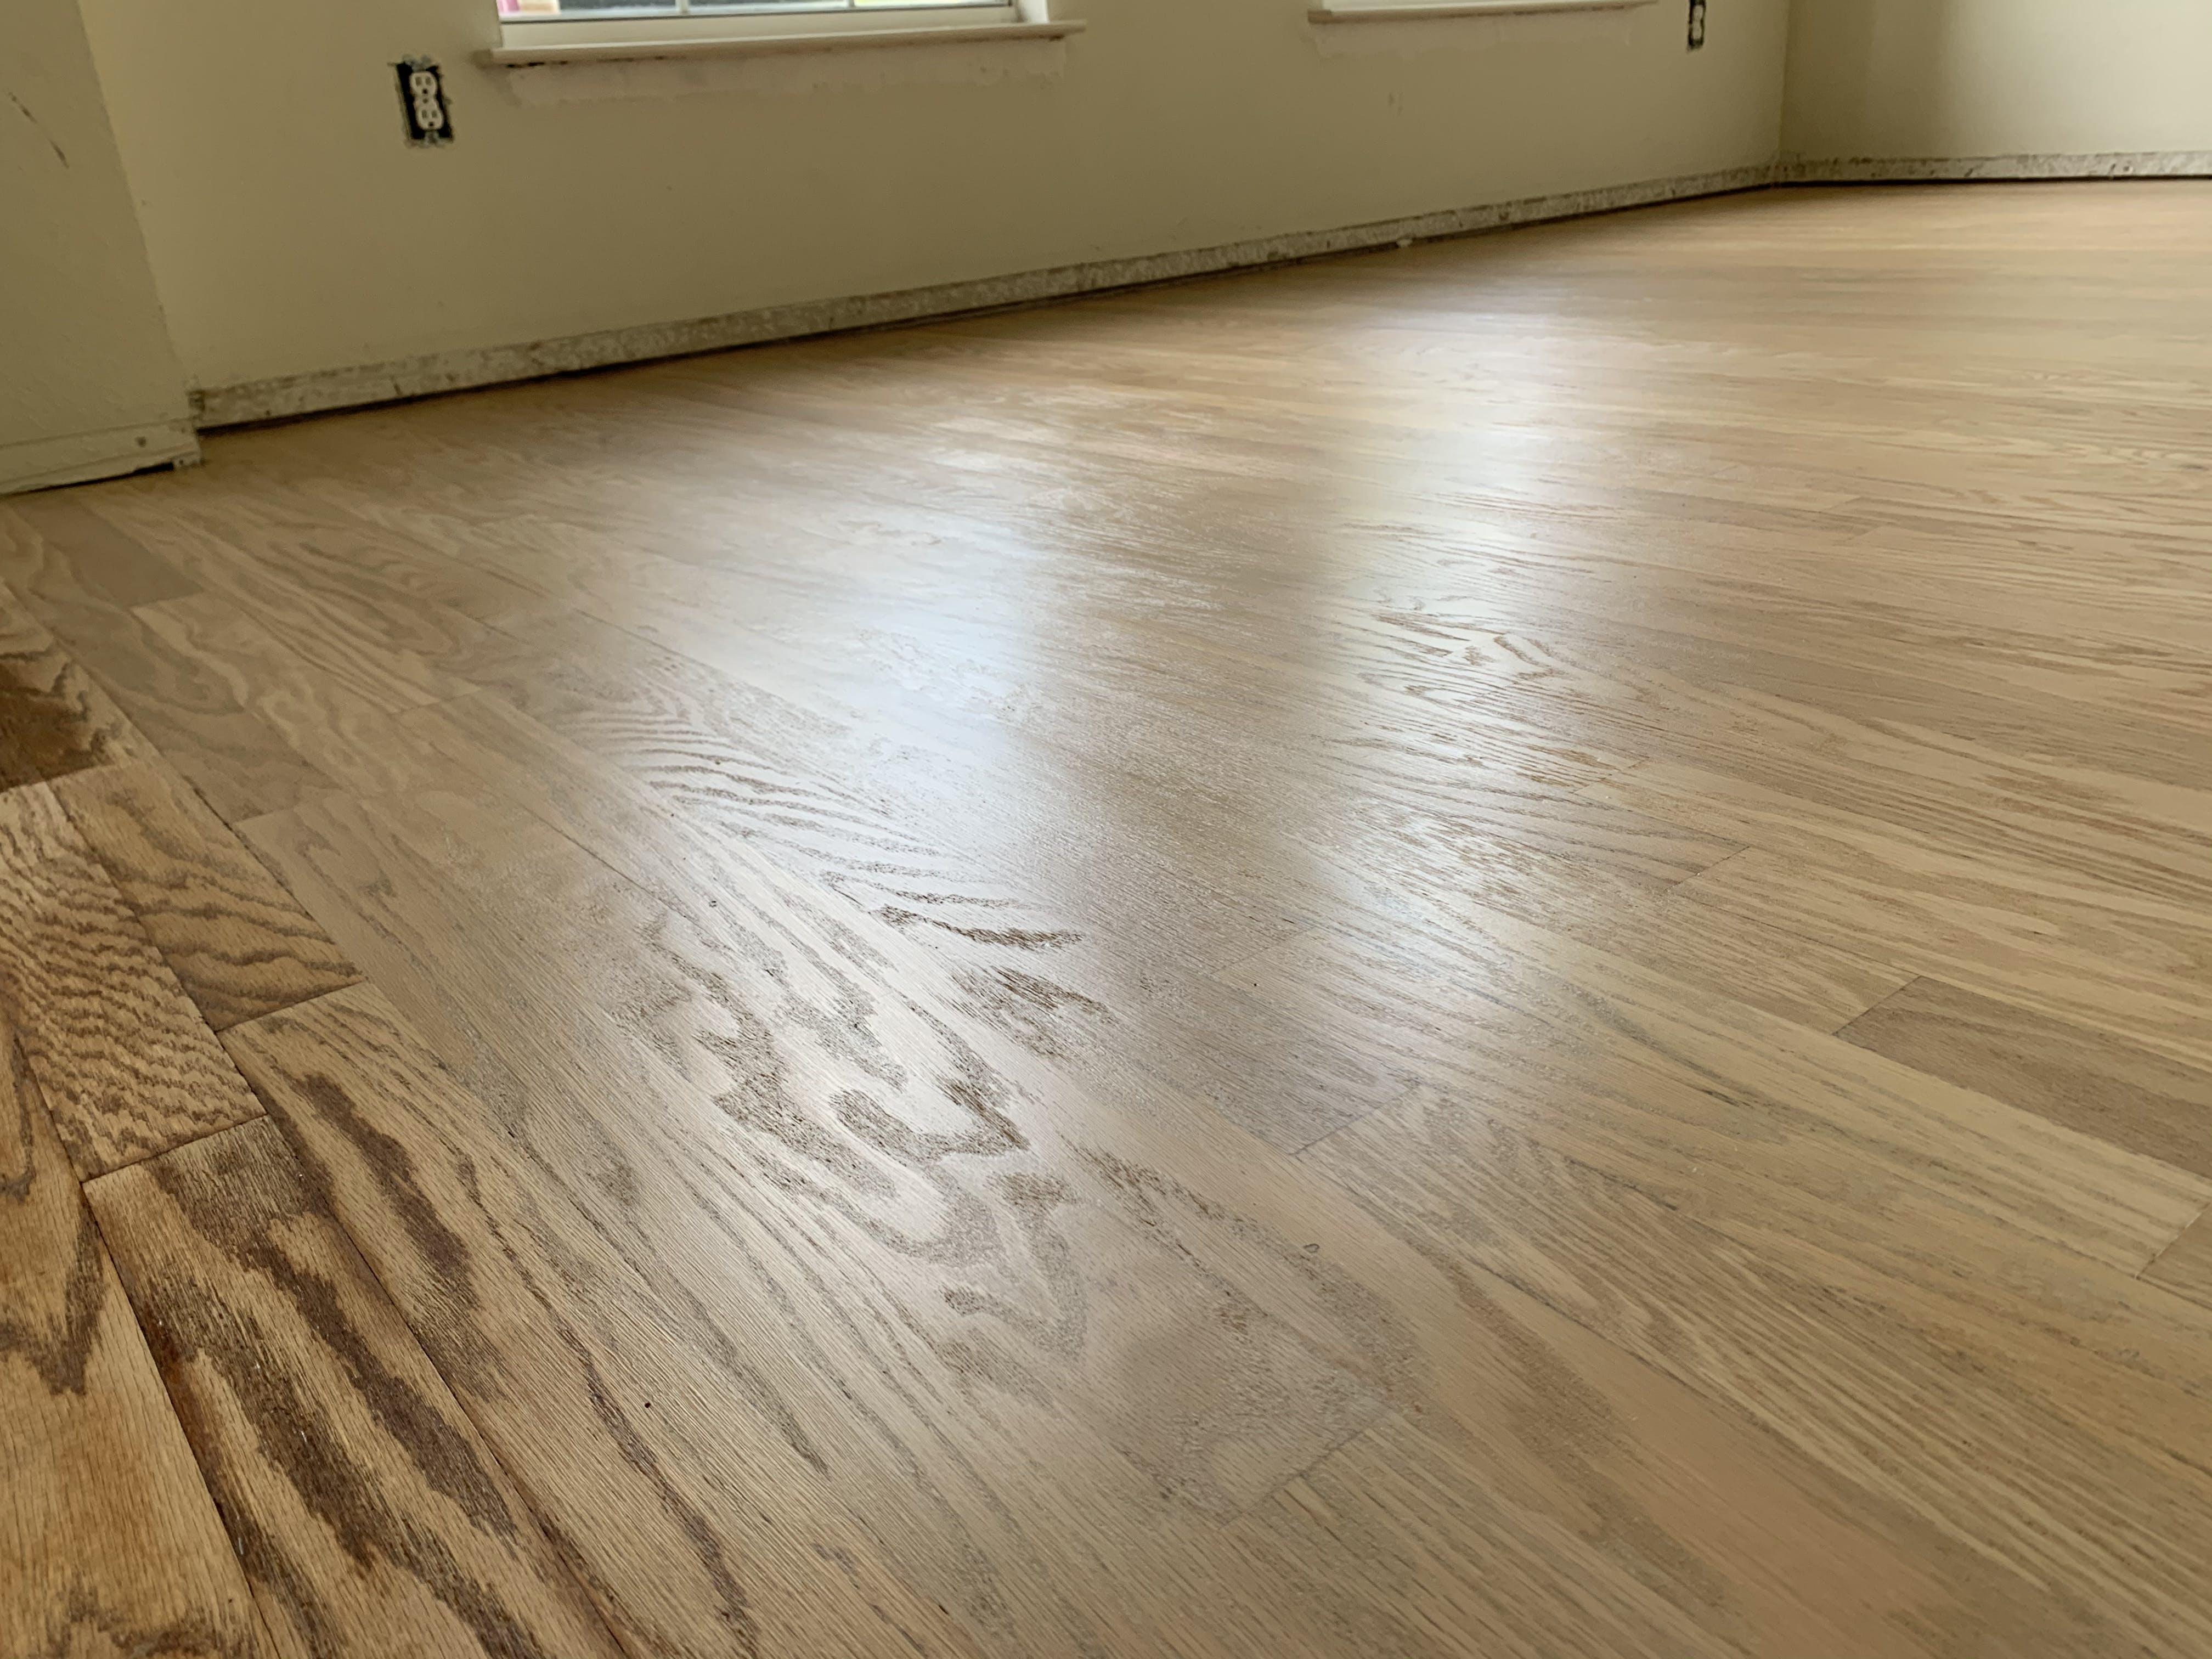 Wood Floor Sealer